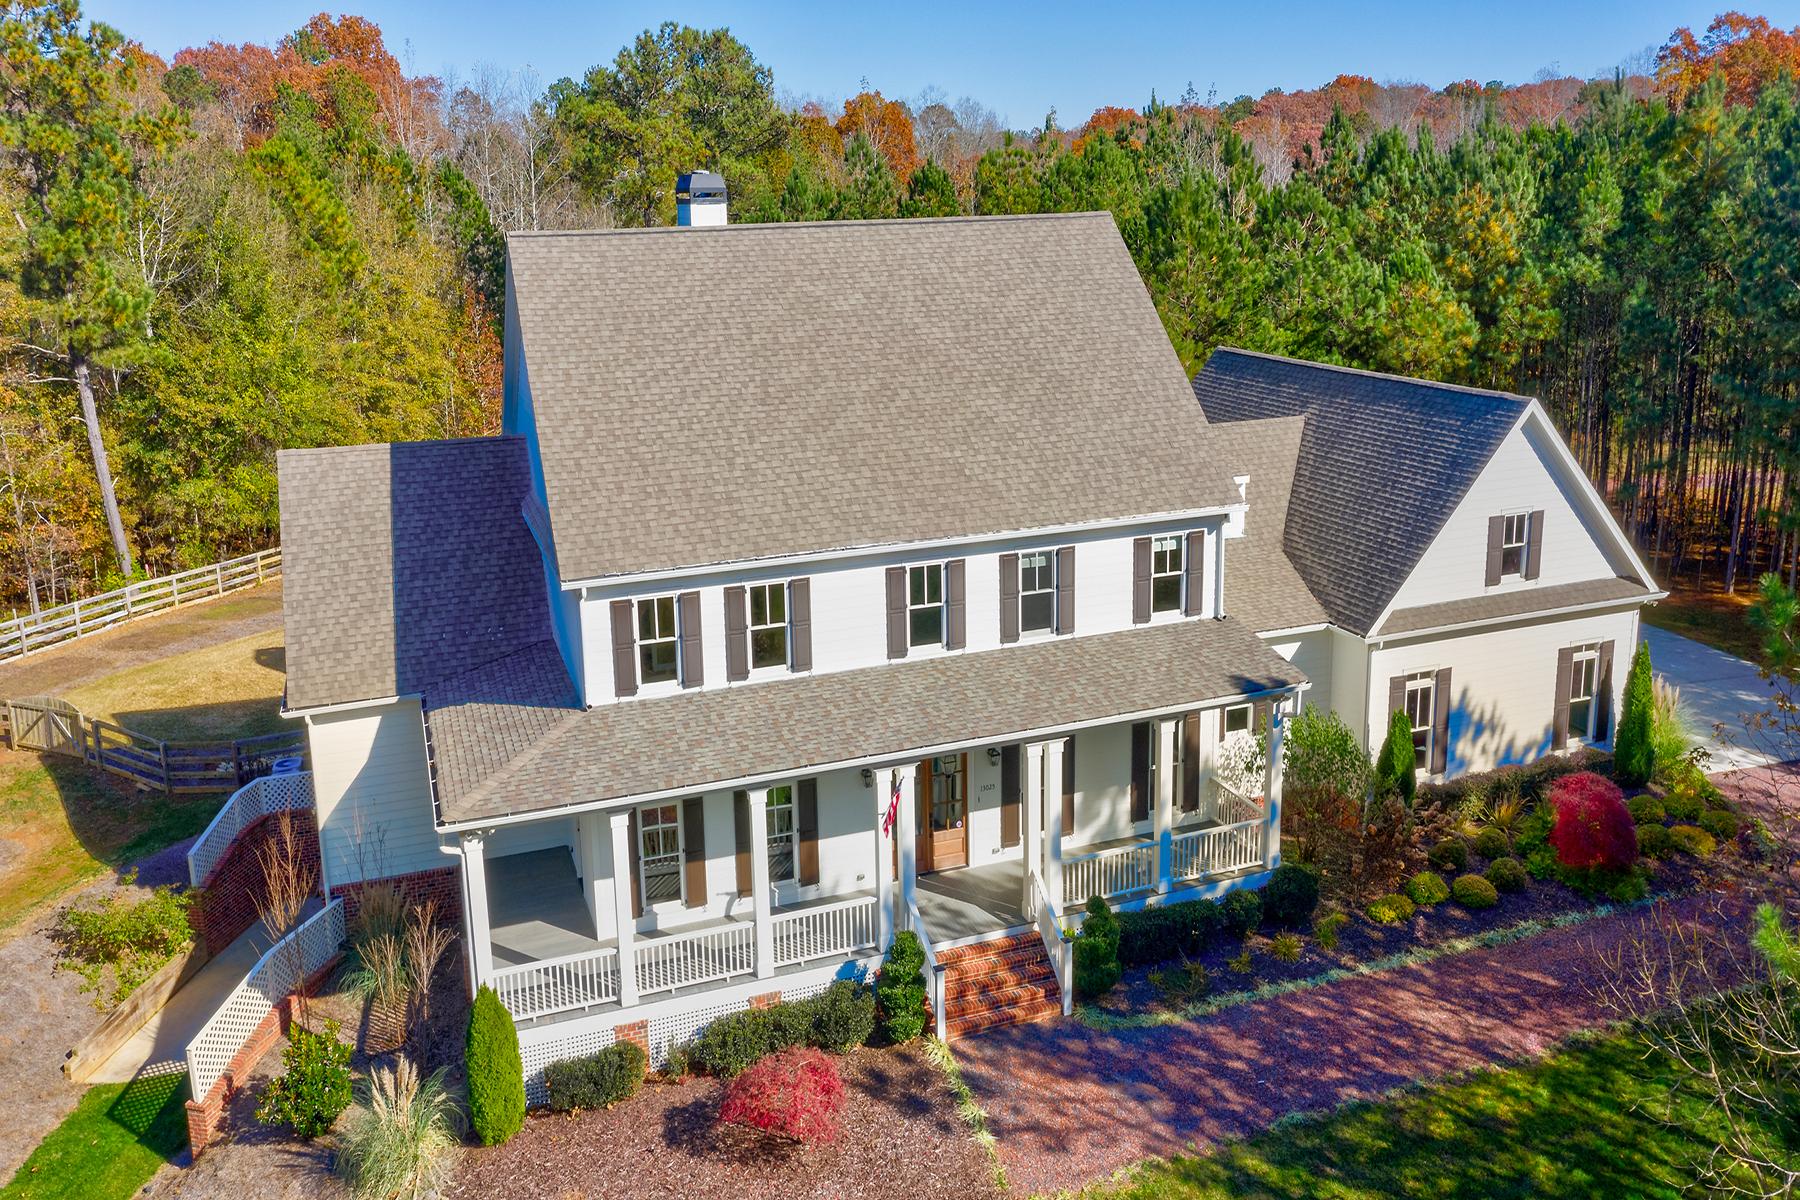 Single Family Home for Sale at Custome Milton Farmhouse On 4.99 Acres 13025 Arnold Mill Road Milton, Georgia 30004 United States